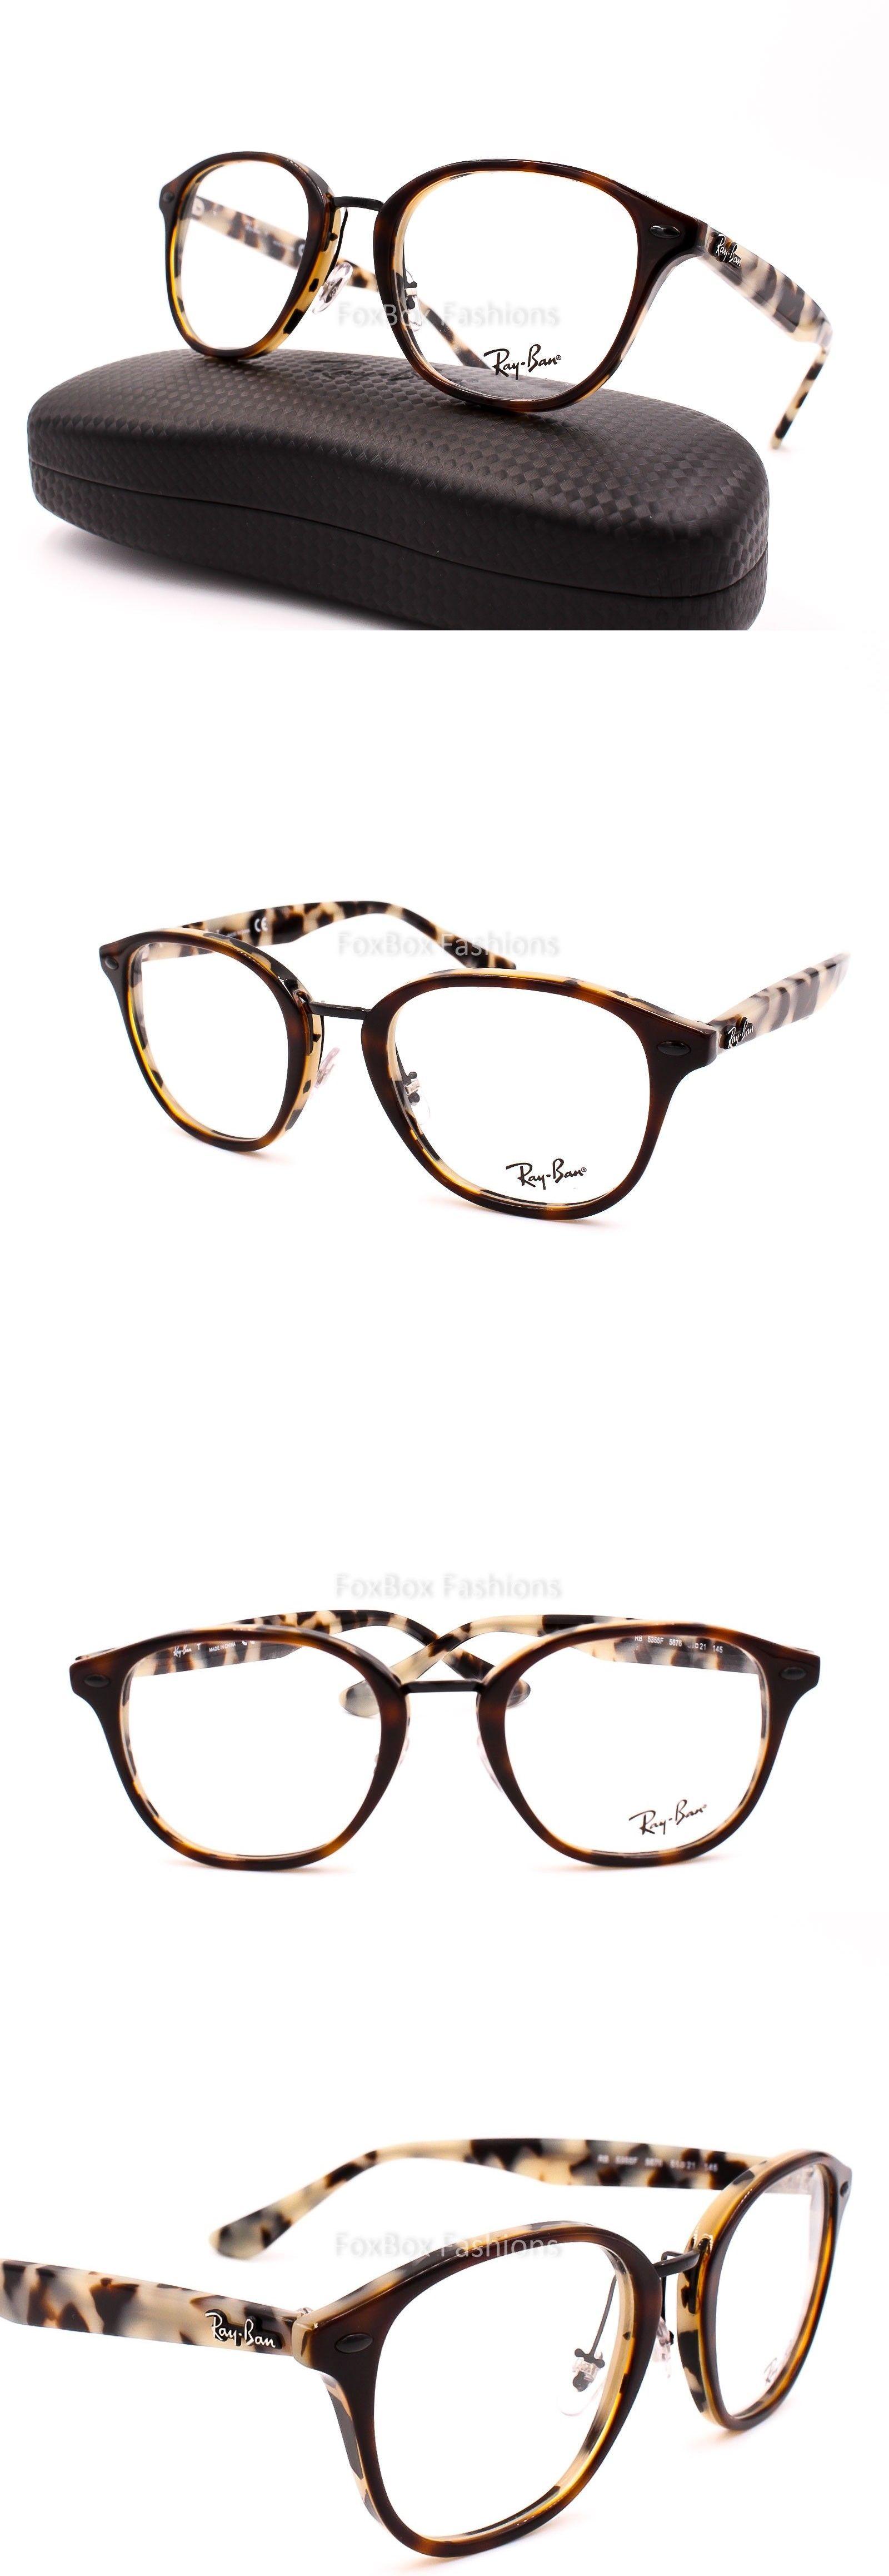 cca7d77783 Eyeglass Frames  Ray-Ban Rb 5355 5676 Eyeglasses Optical Frames Glasses  Tortoise ~ 48Mm ~ W Case -  BUY IT NOW ONLY   94.95 on eBay!